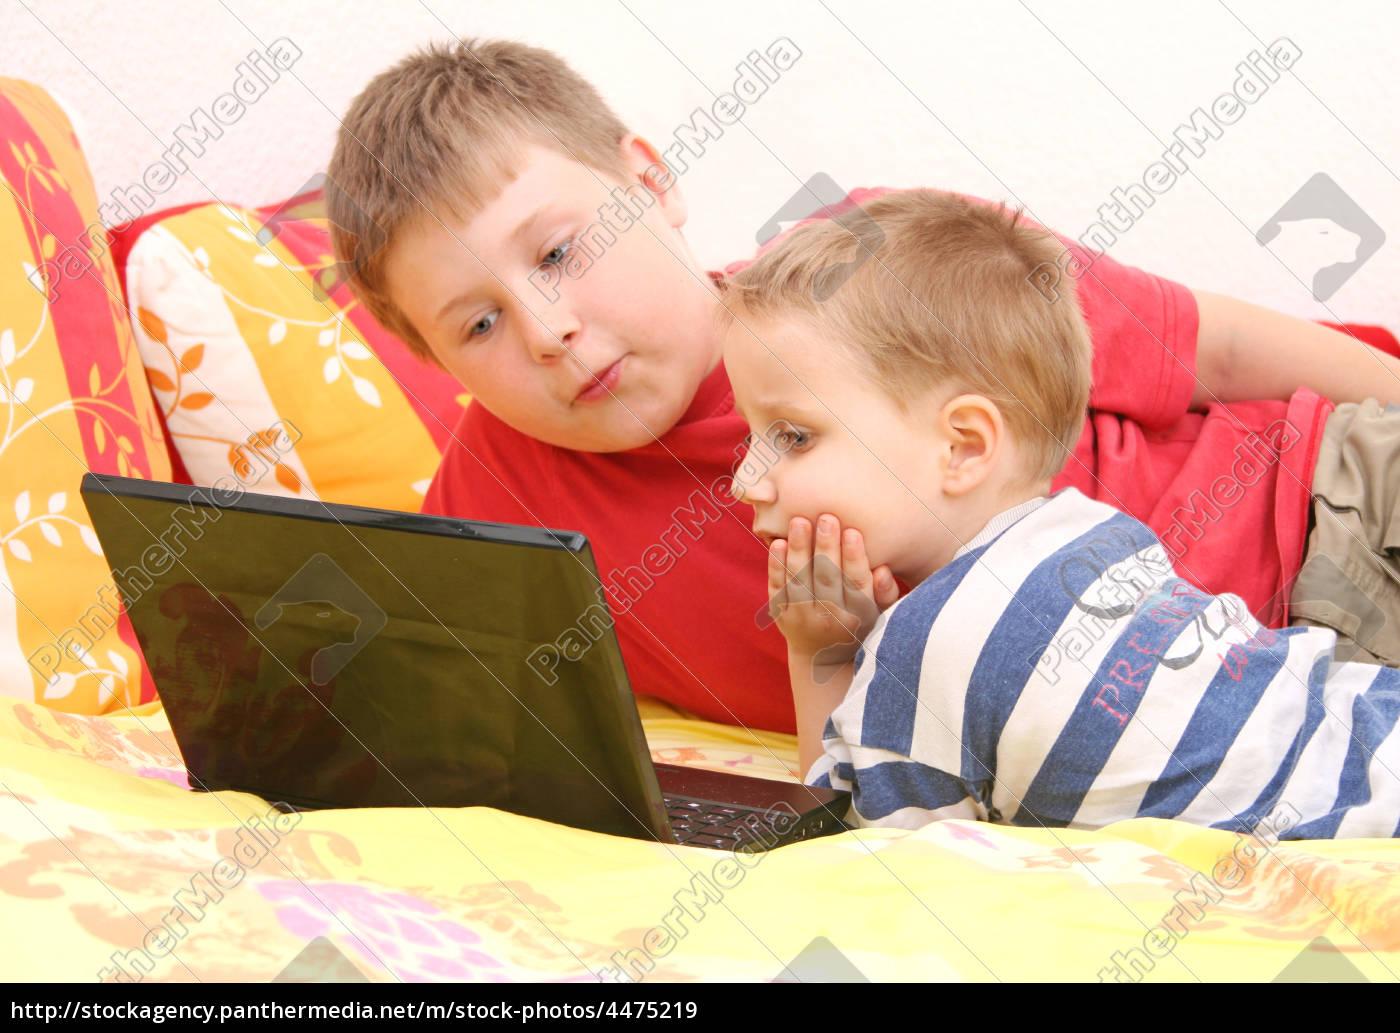 siblings, at, computer - 4475219